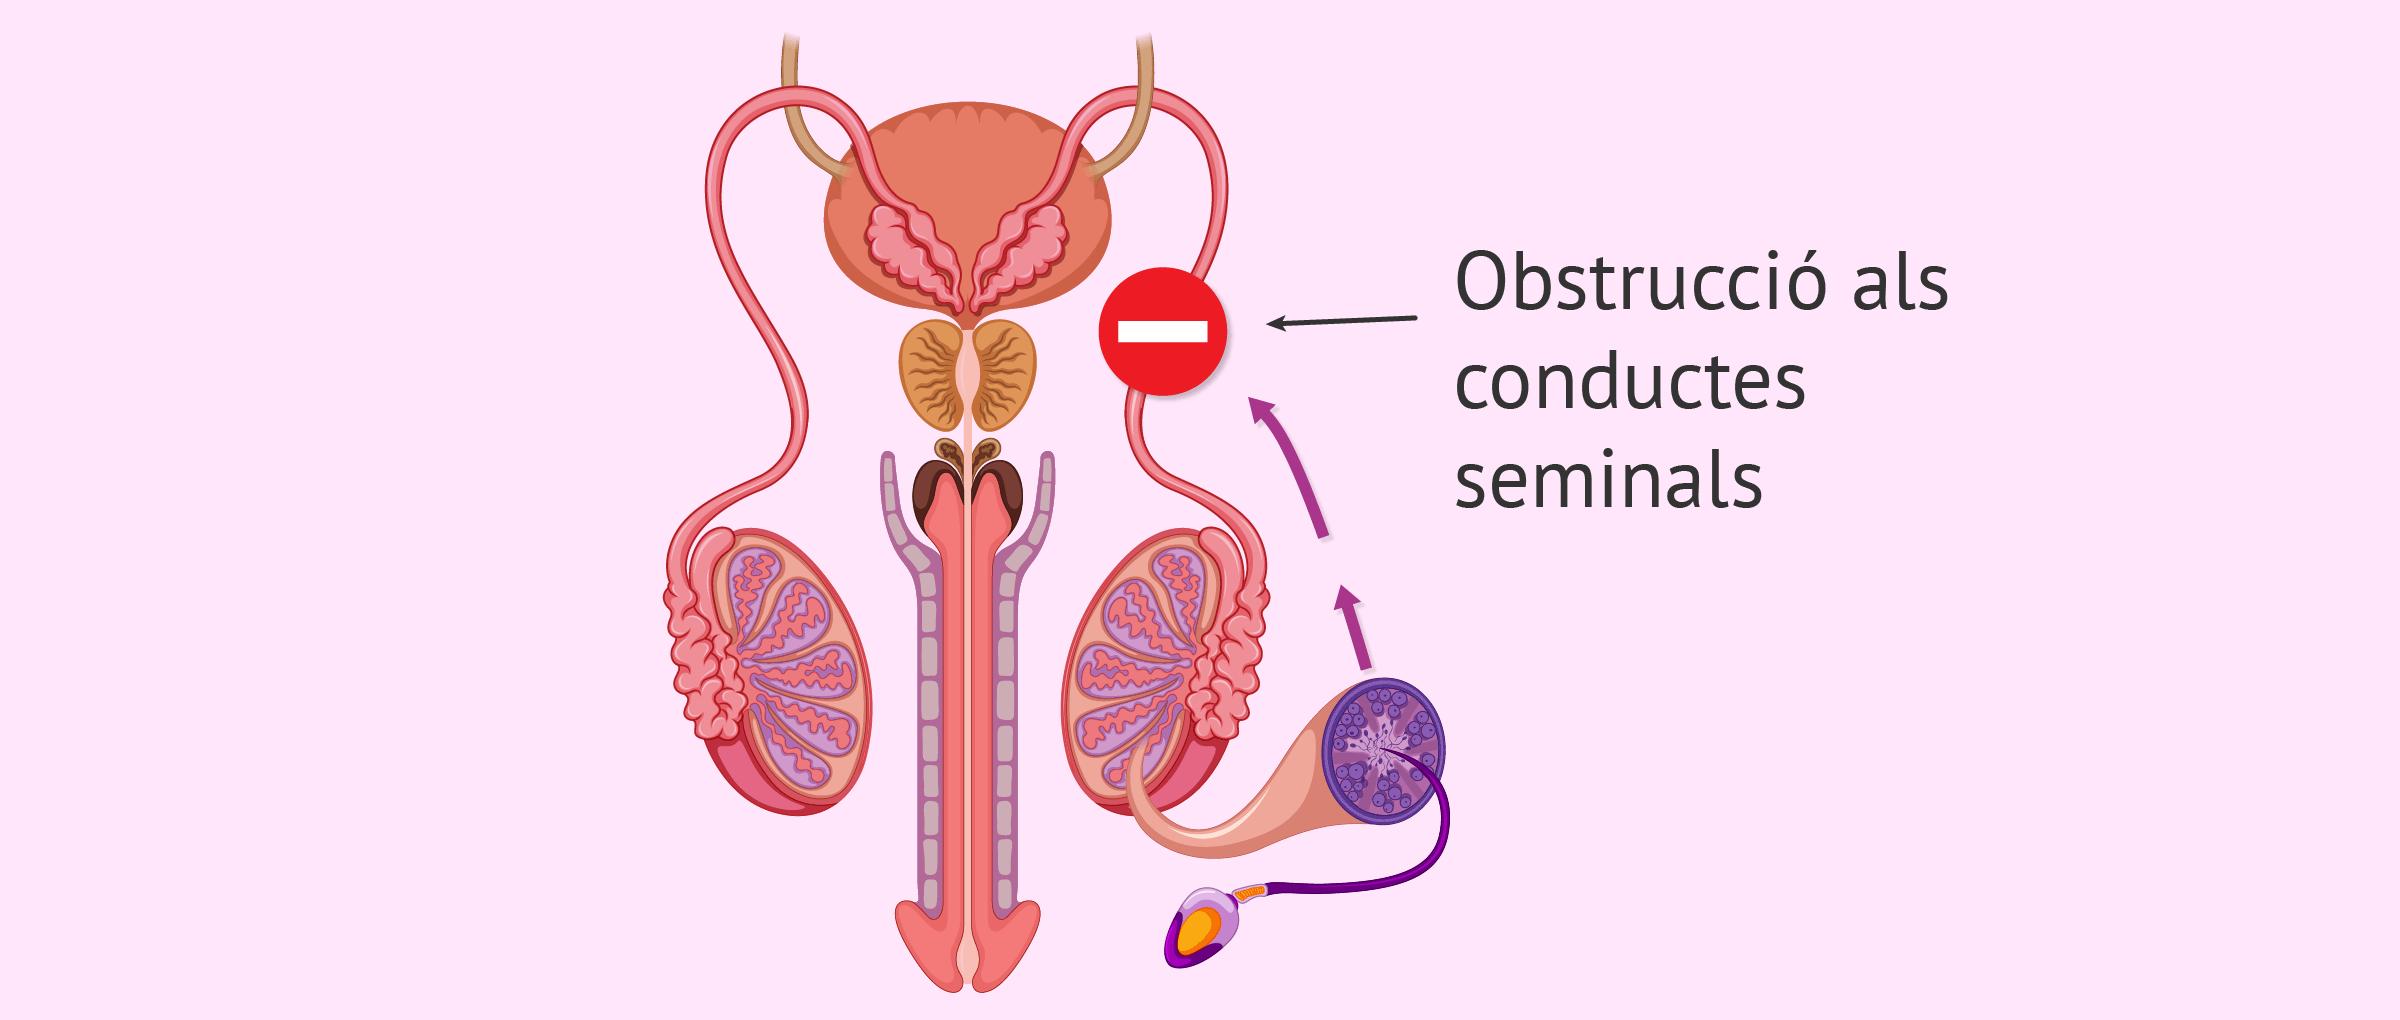 Factor postesticular d'esterilitat masculina